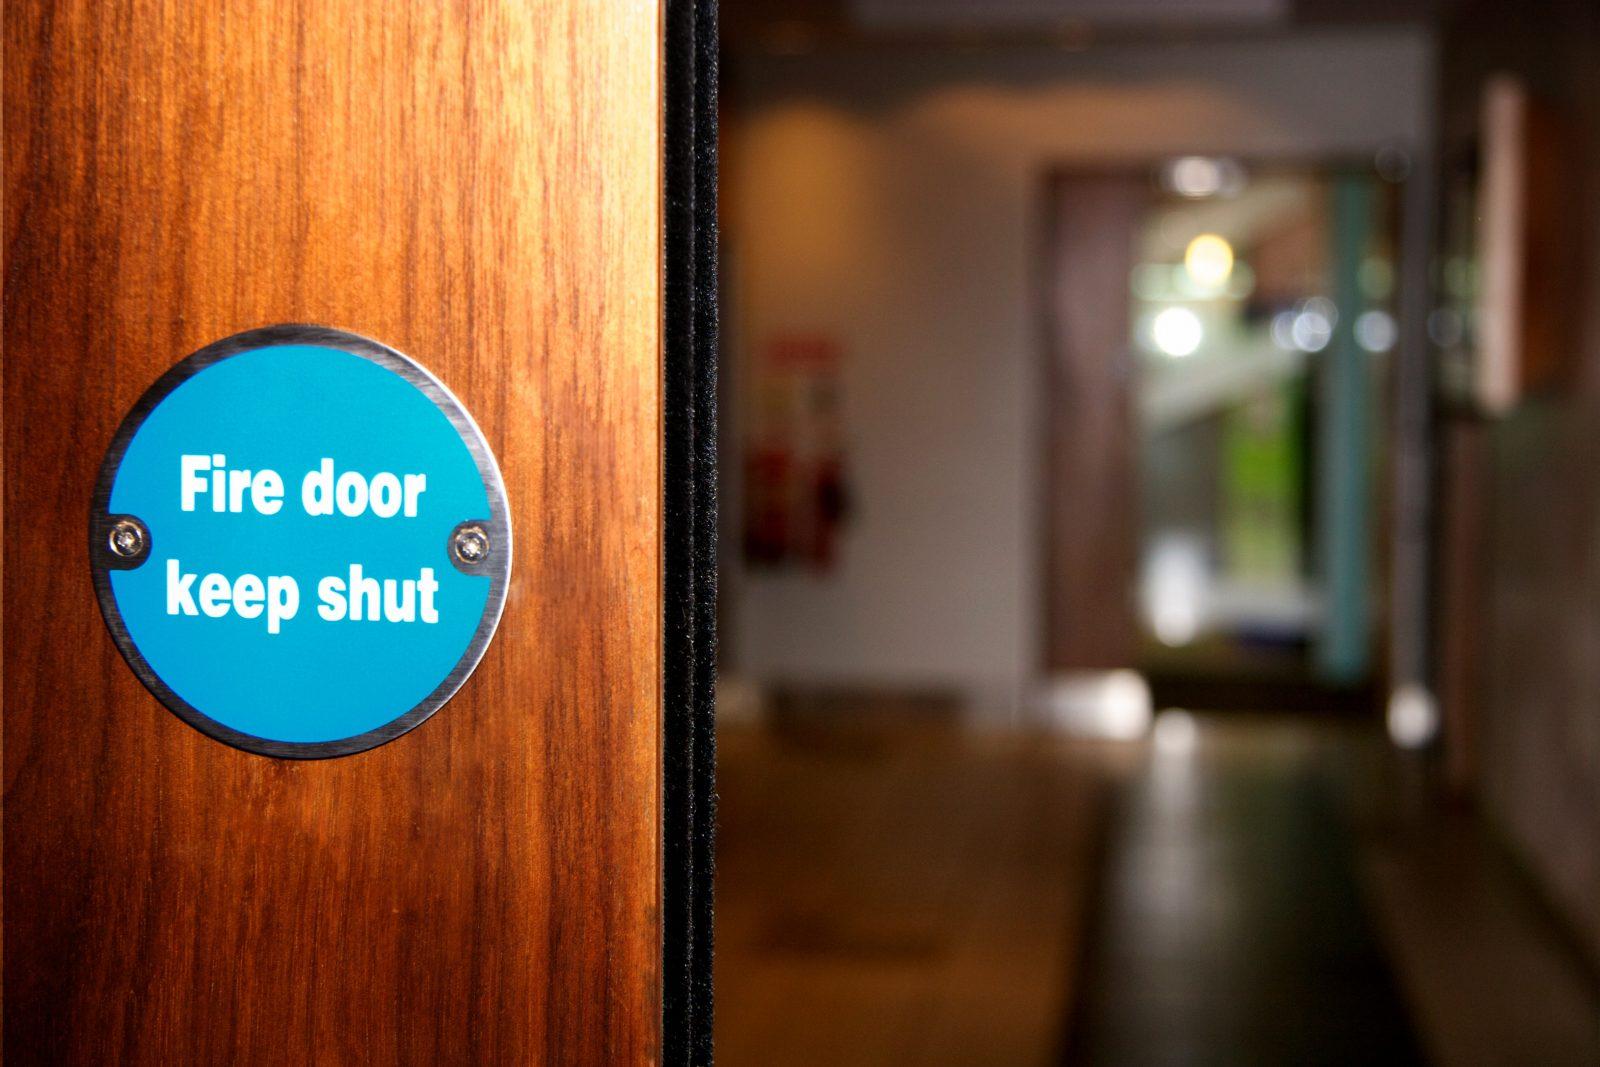 Fire door at Birmingham government building